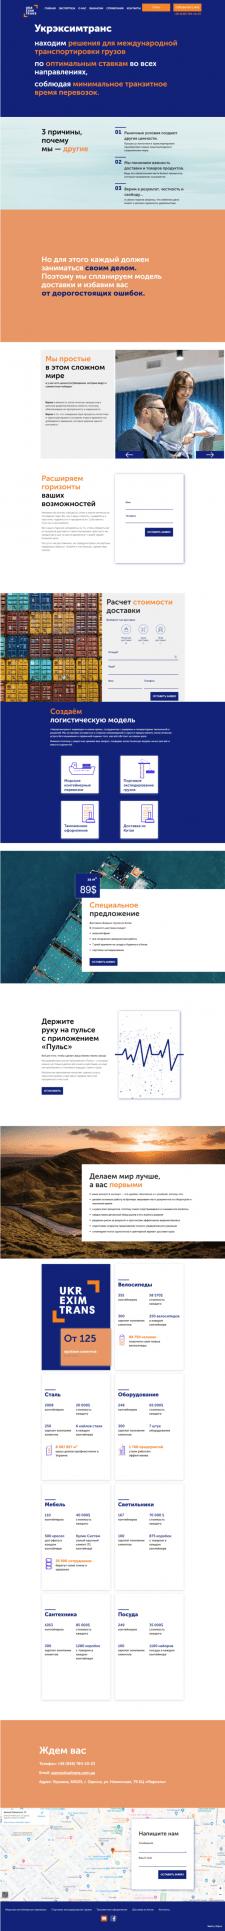 Укрэксимтранс - Логистическая компания